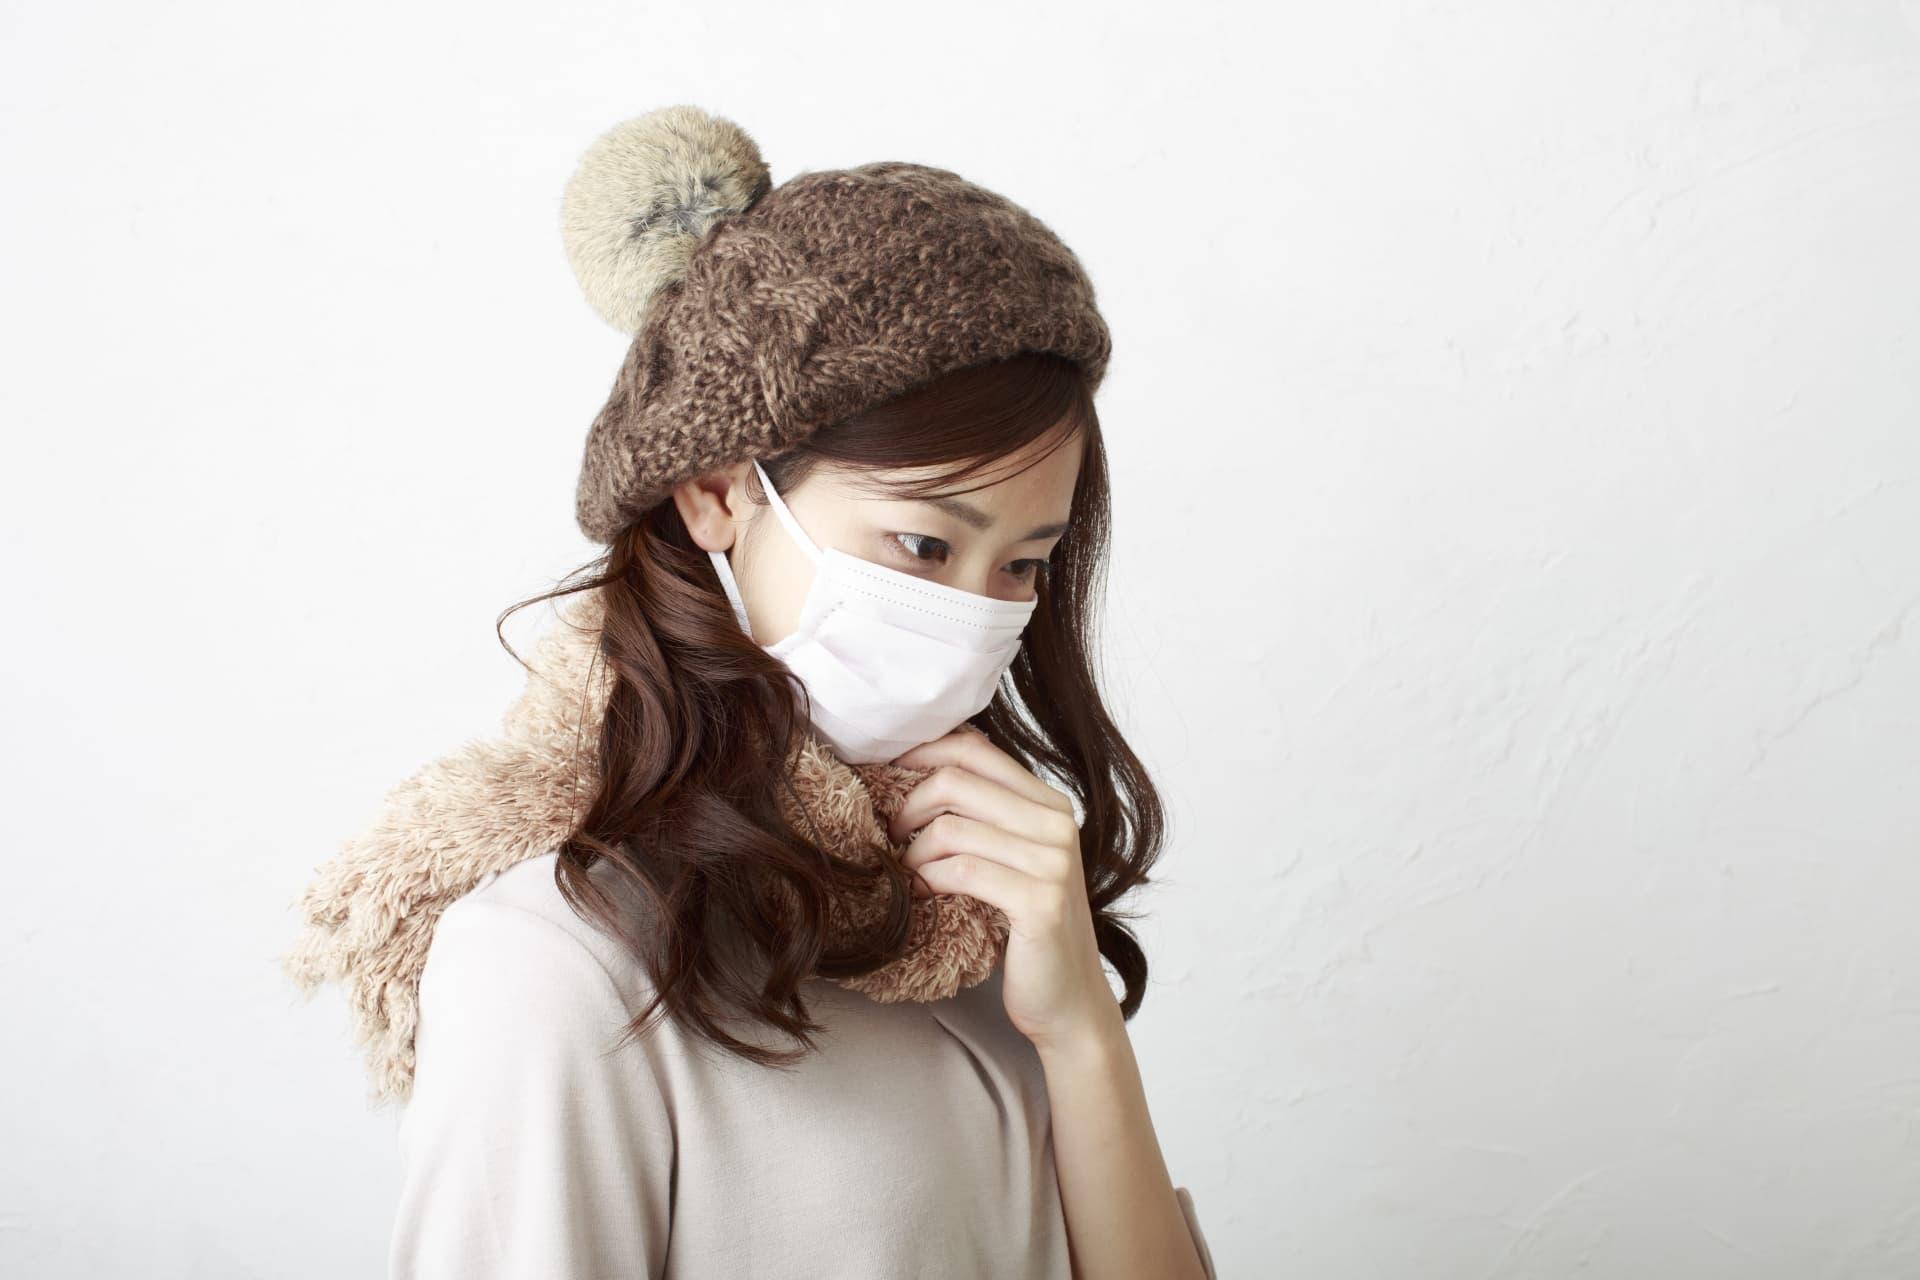 風邪をひいて病院に向かう女性